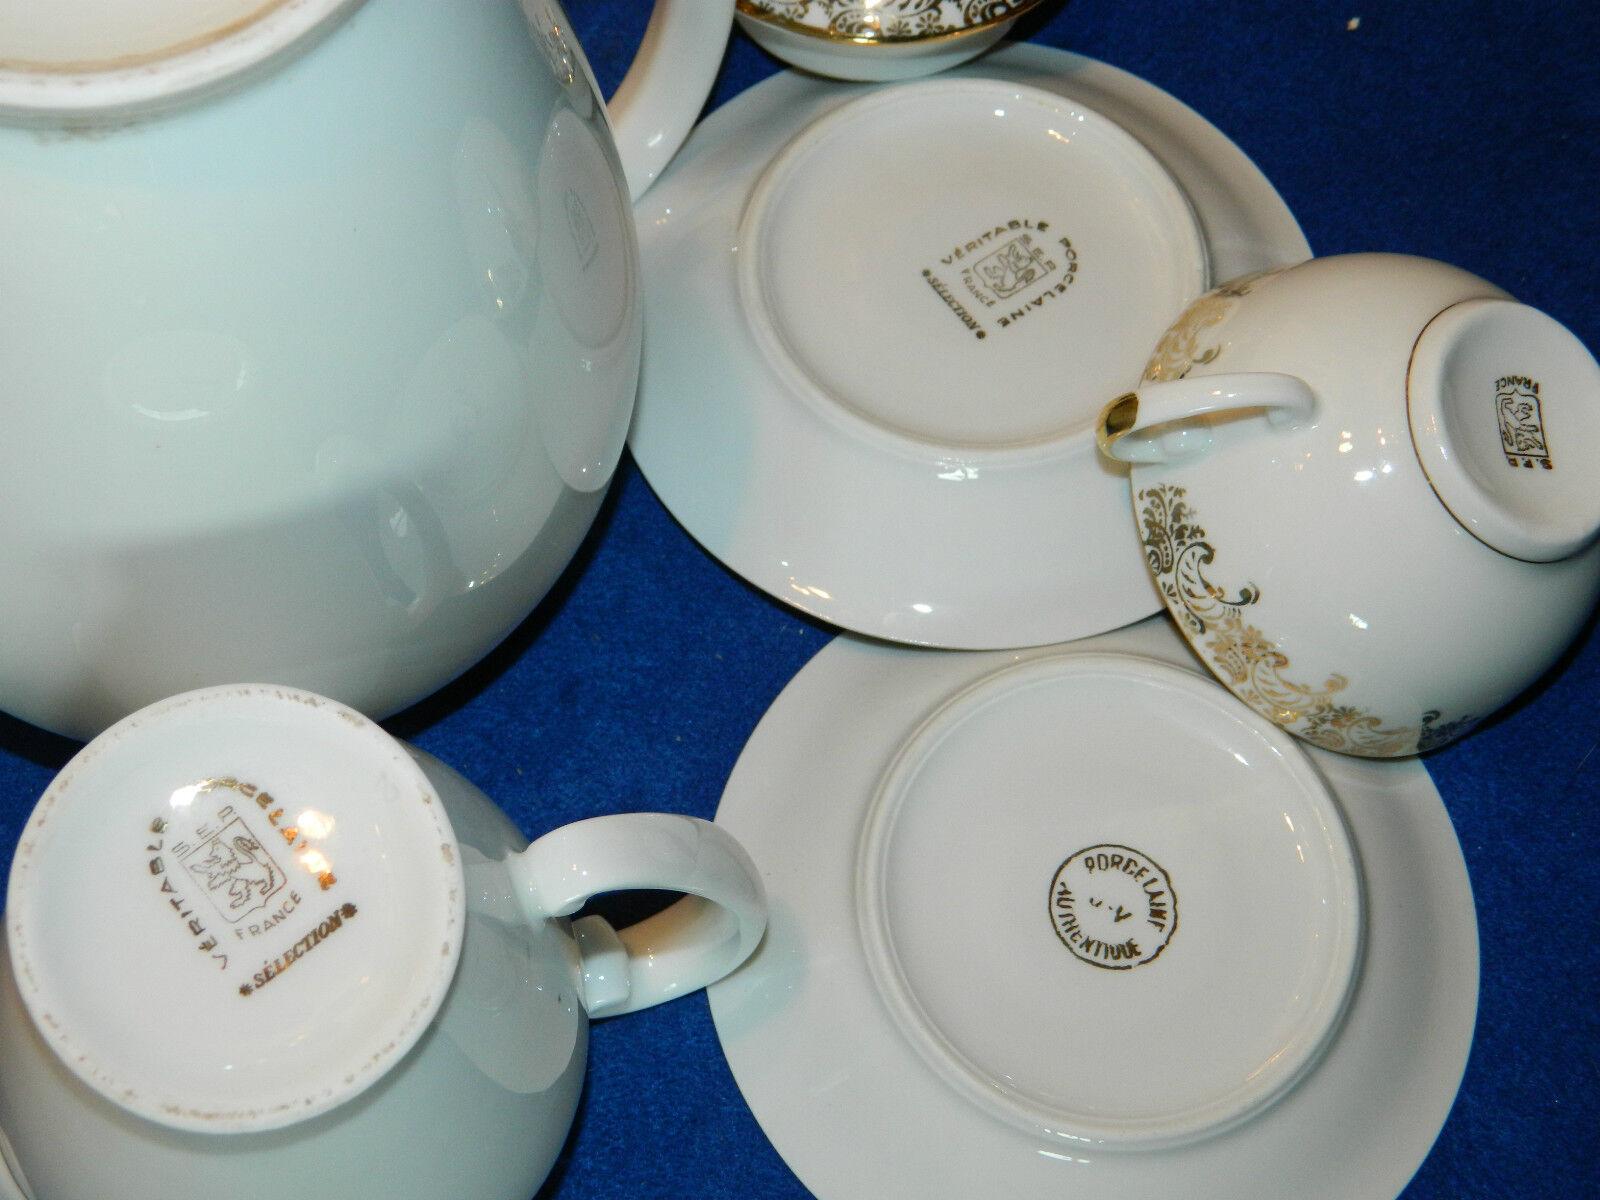 cafetiere tasse caf cruche pot v ritable porcelaine s e r ser vintage th i re eur 39 99. Black Bedroom Furniture Sets. Home Design Ideas